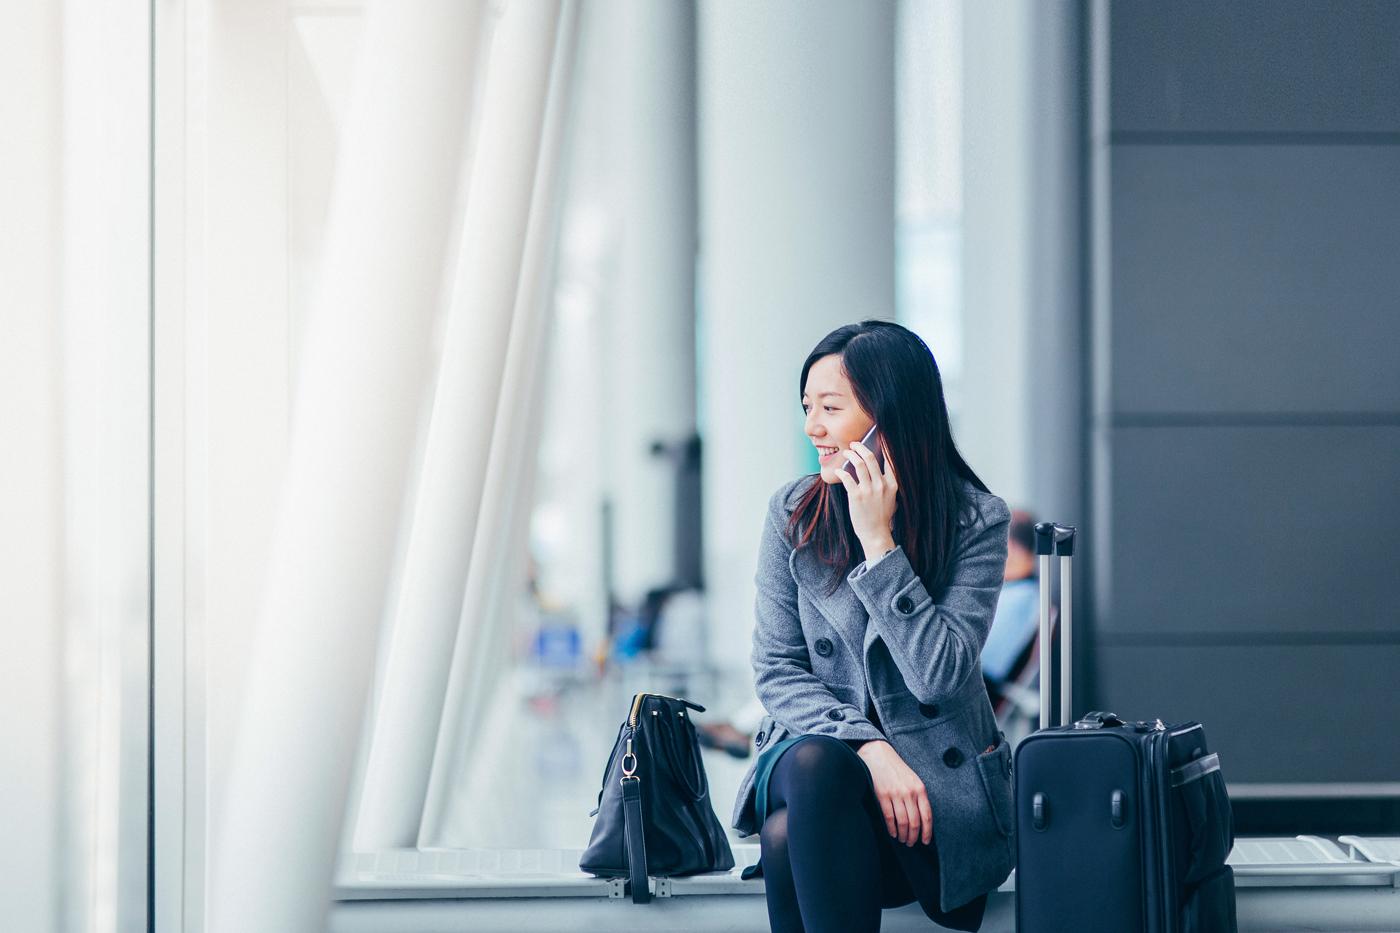 ¿Vuelo cancelado? Reserva tu hotel con el móvil gracias a Travelport